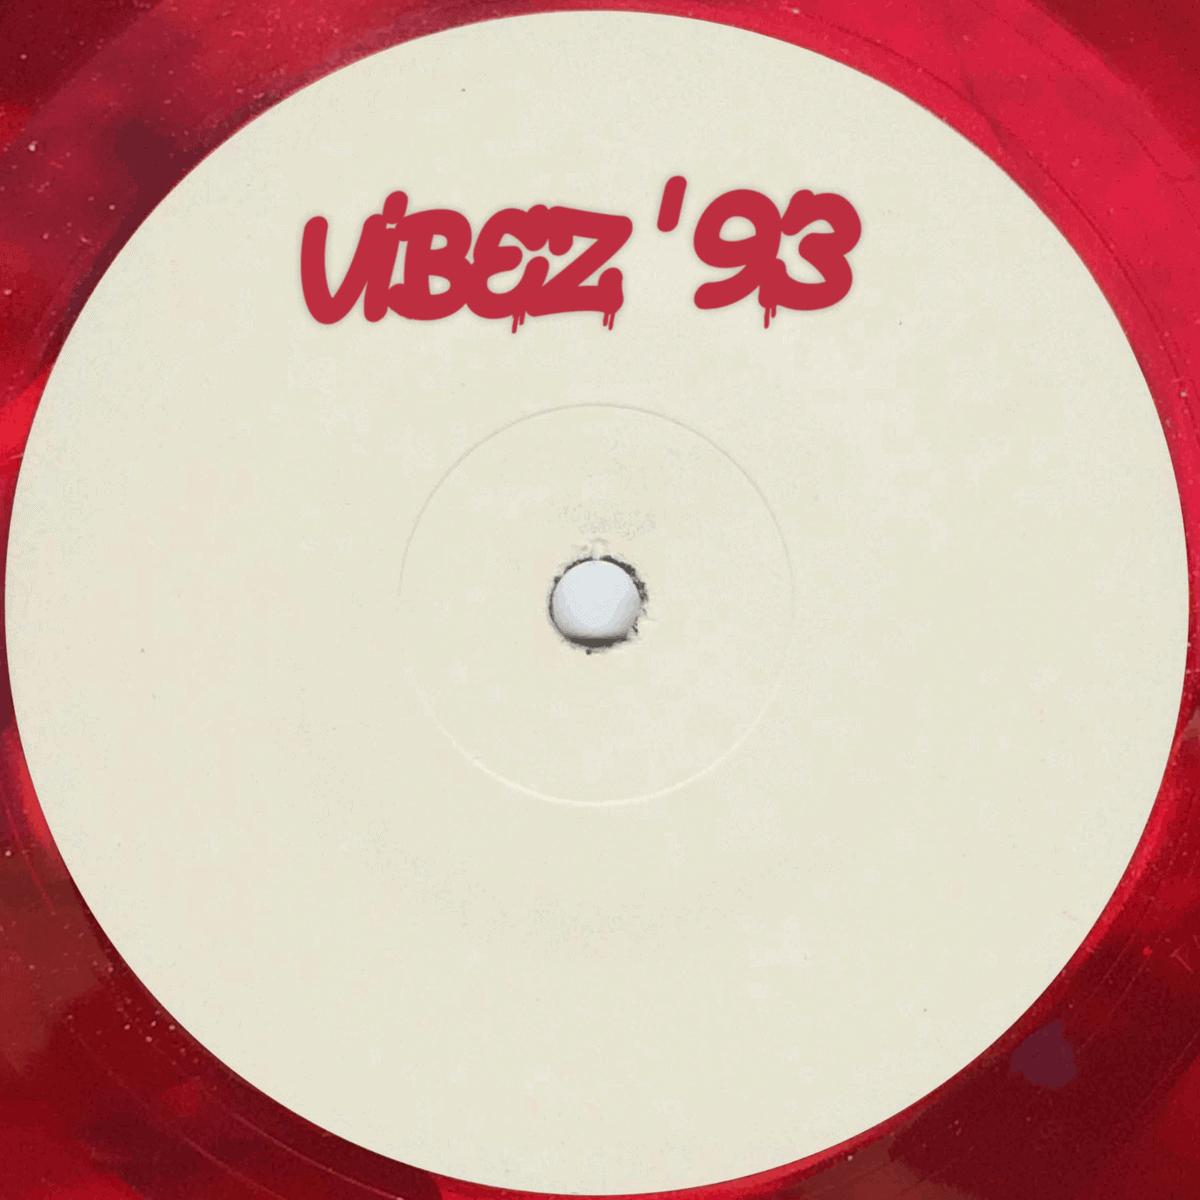 VBZ-93001-ART